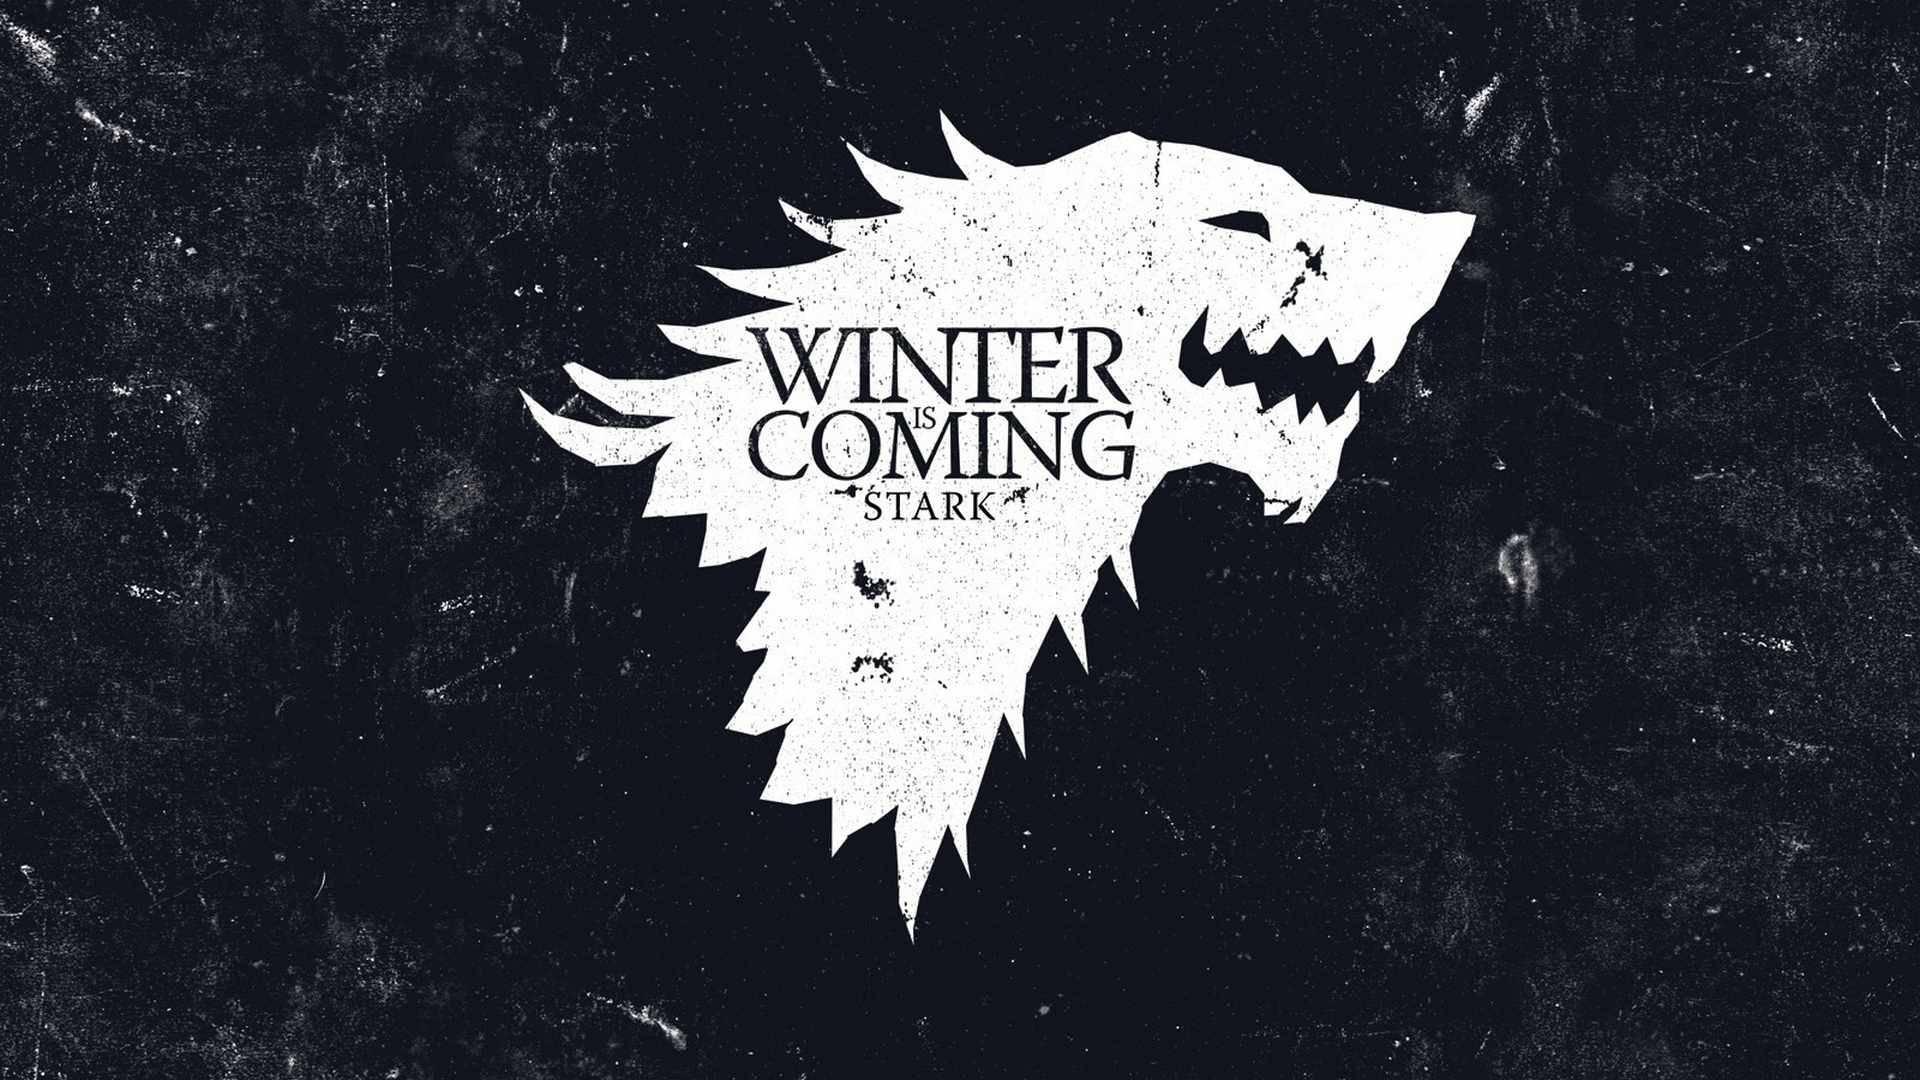 Winter is Coming Stark Wallpaper   Game of Thrones Wallpaper 1920x1080